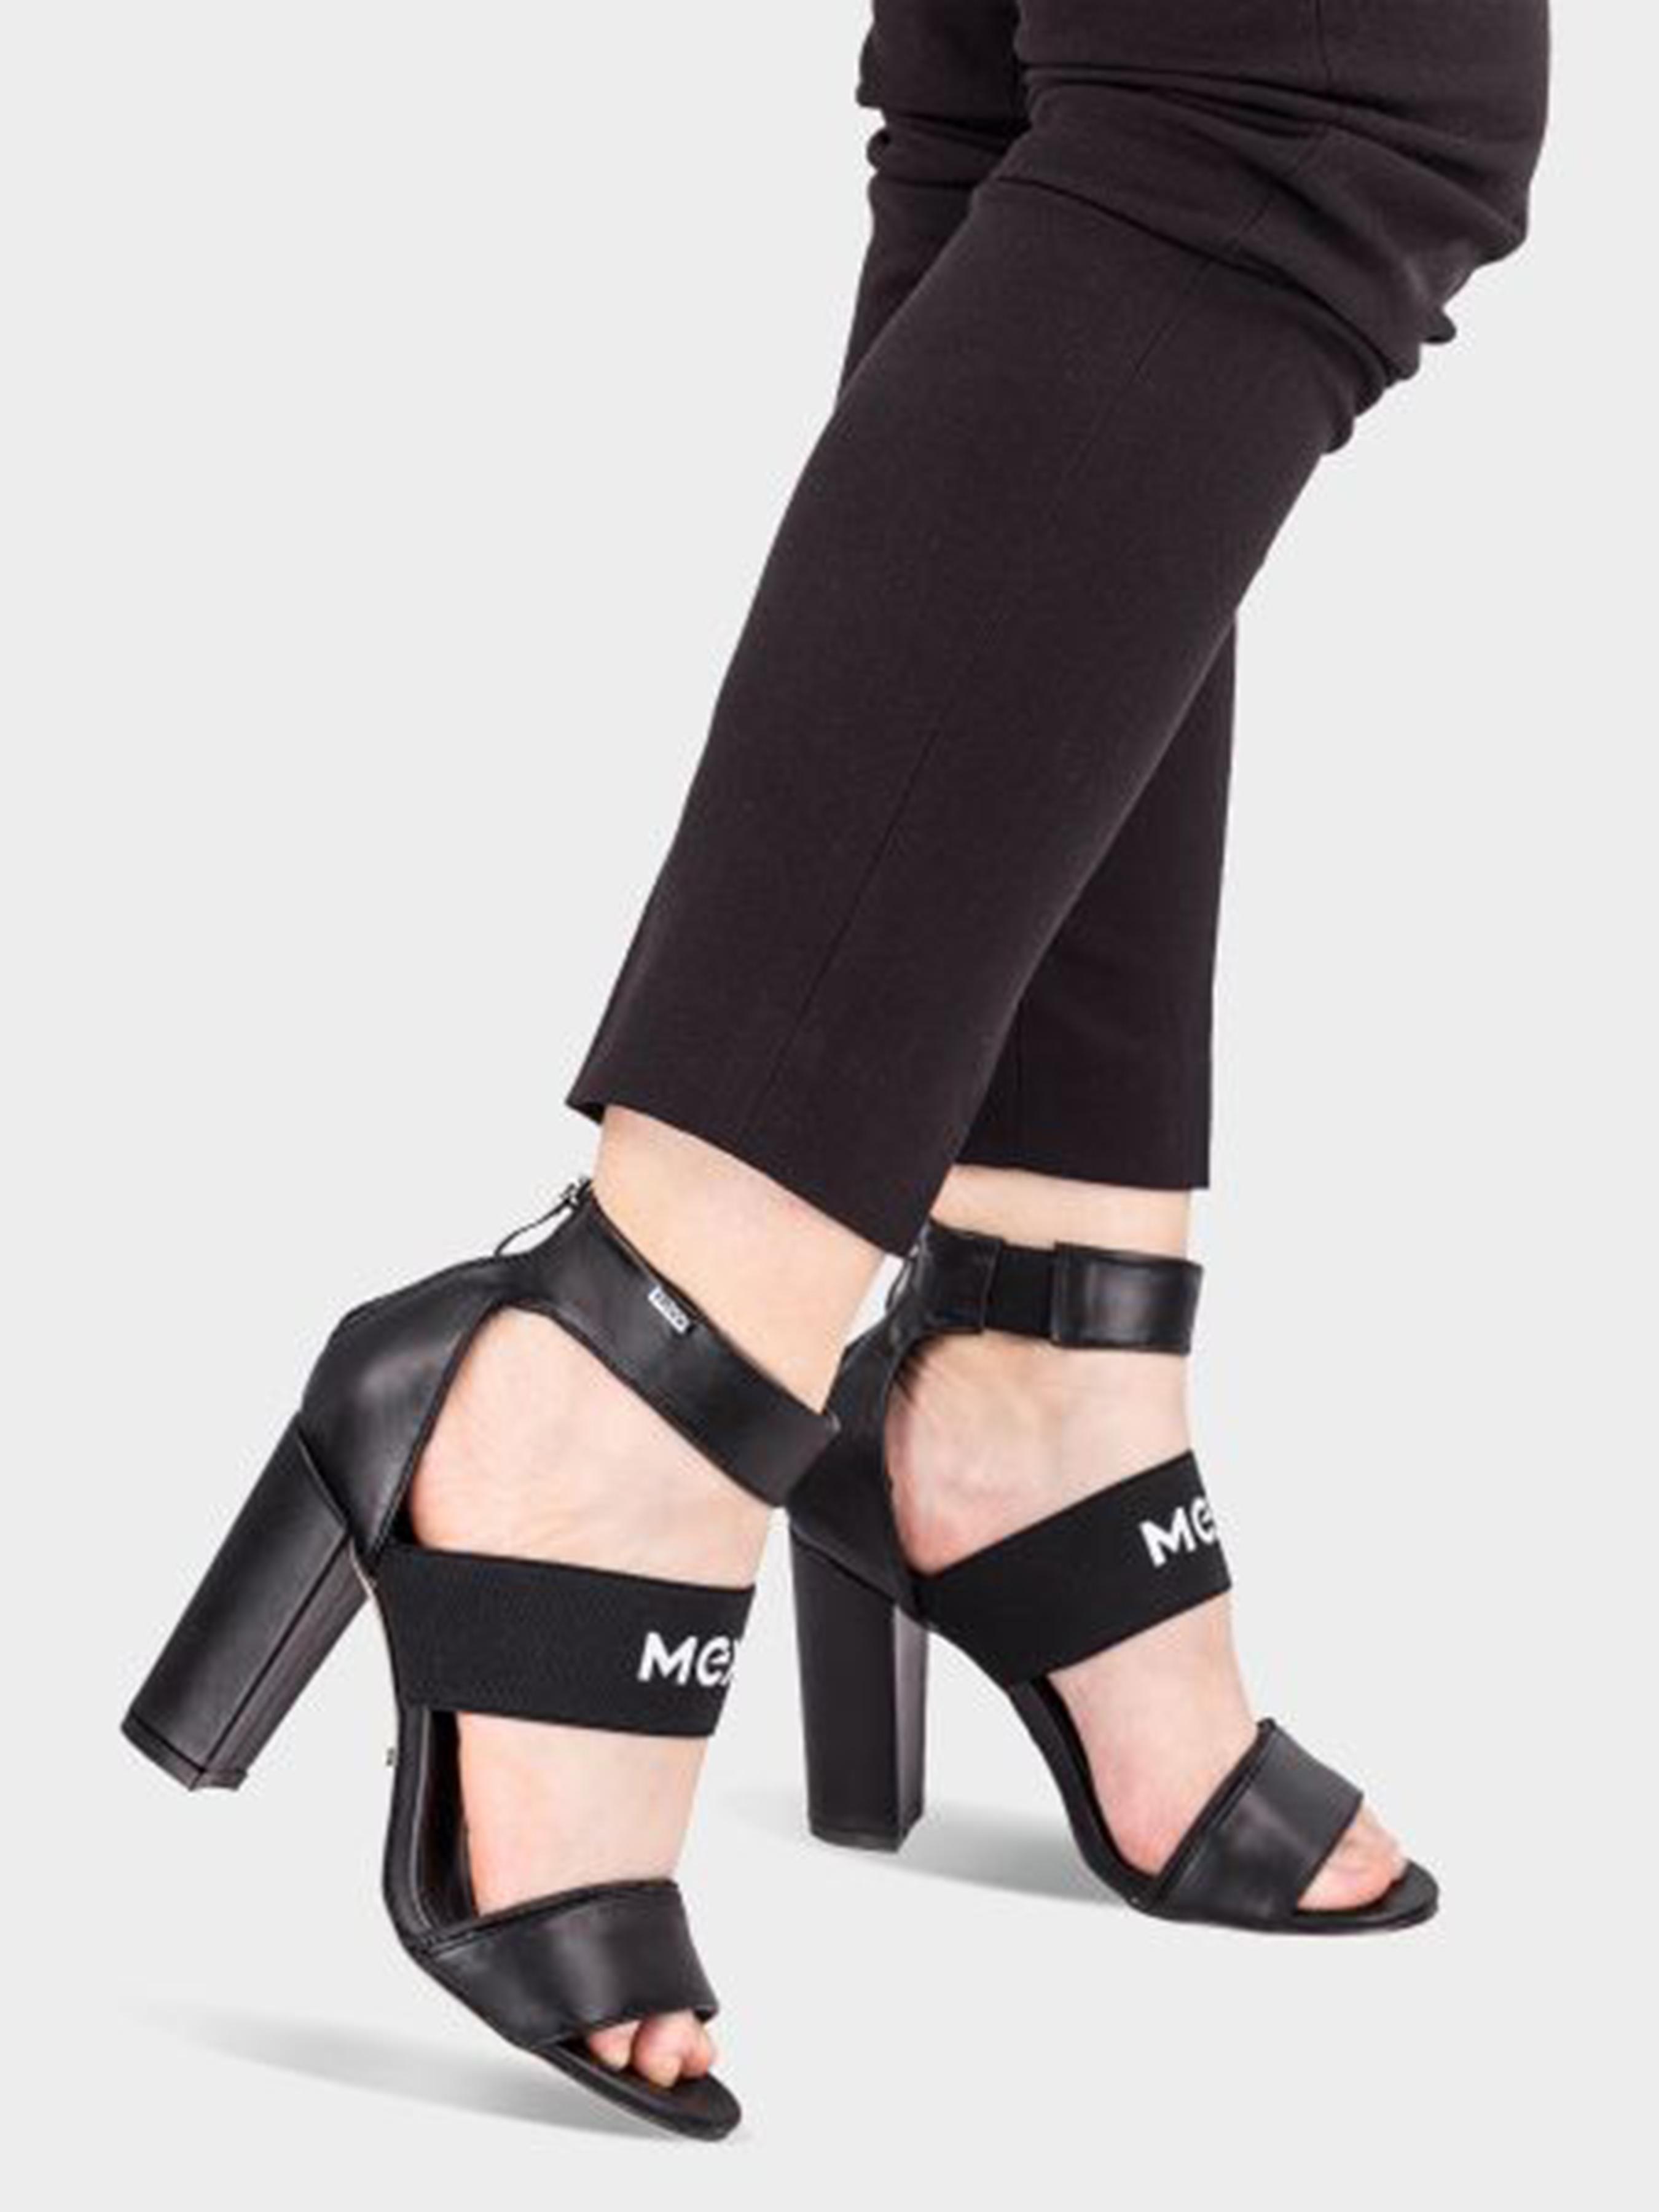 Босоножки для женщин MEXX Ciska 7L19 купить обувь, 2017